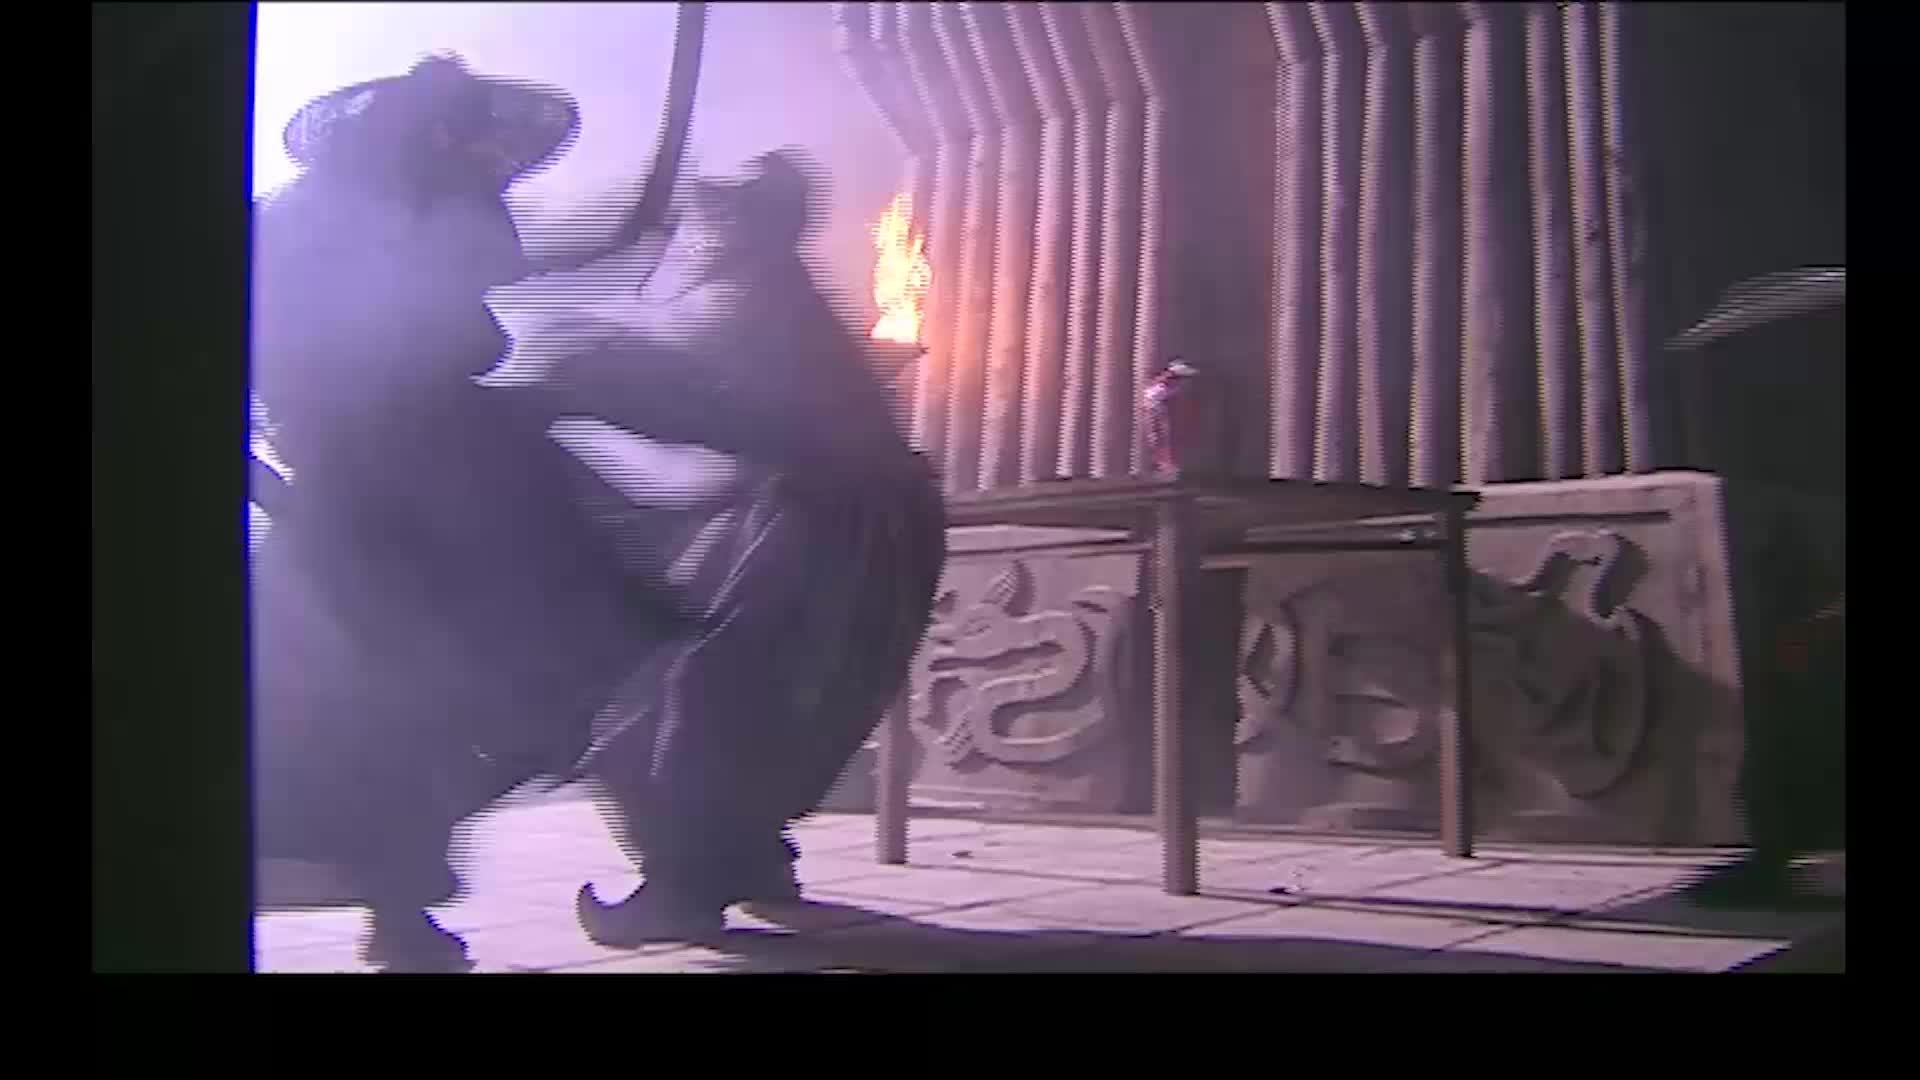 皇上让洪渊劫狱去救锦娘,让杨荣解围忘归楼,对锦娘真的好